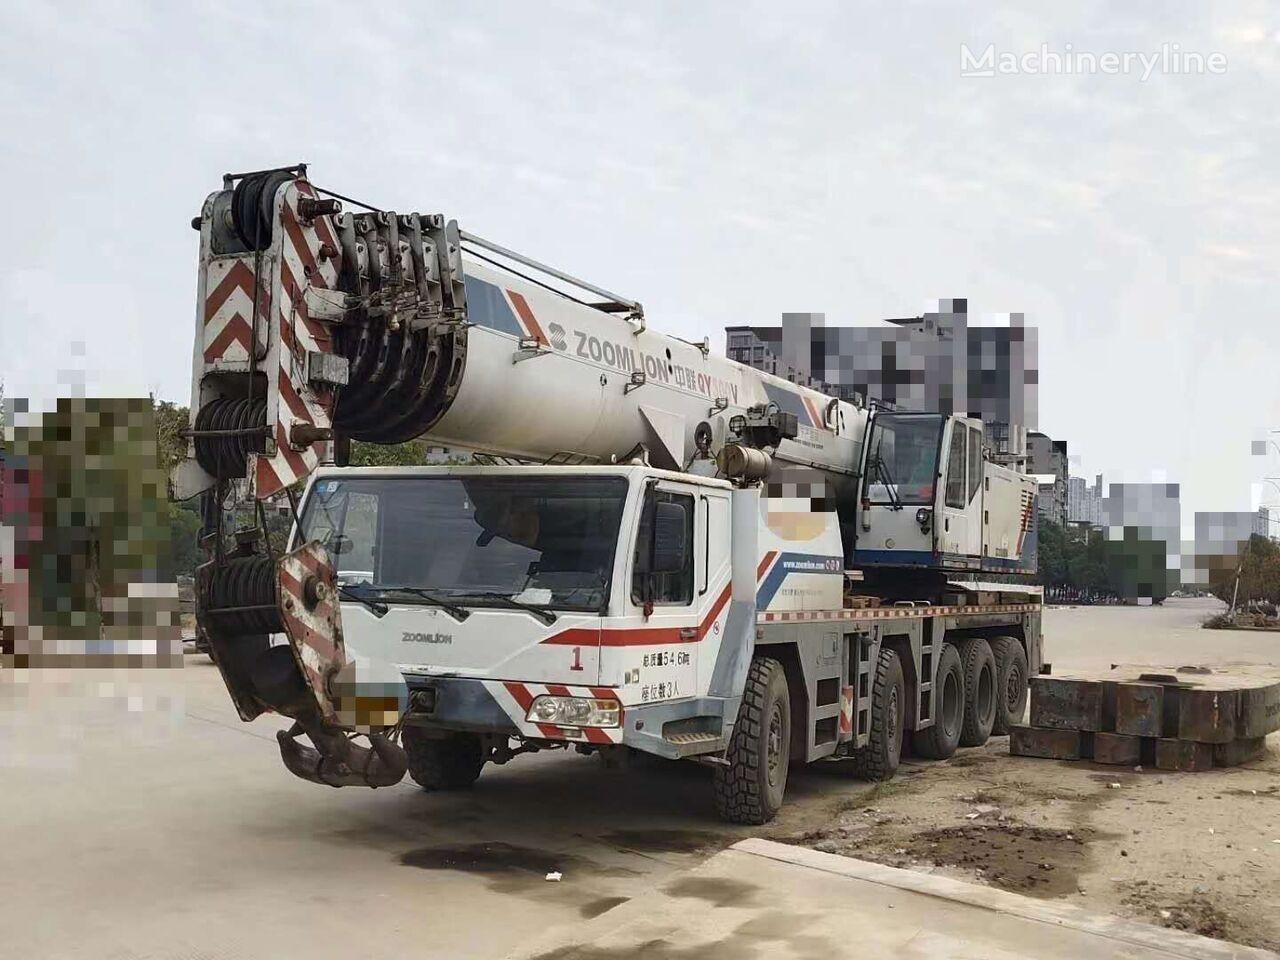 ZOOMLION 130TON mobile crane